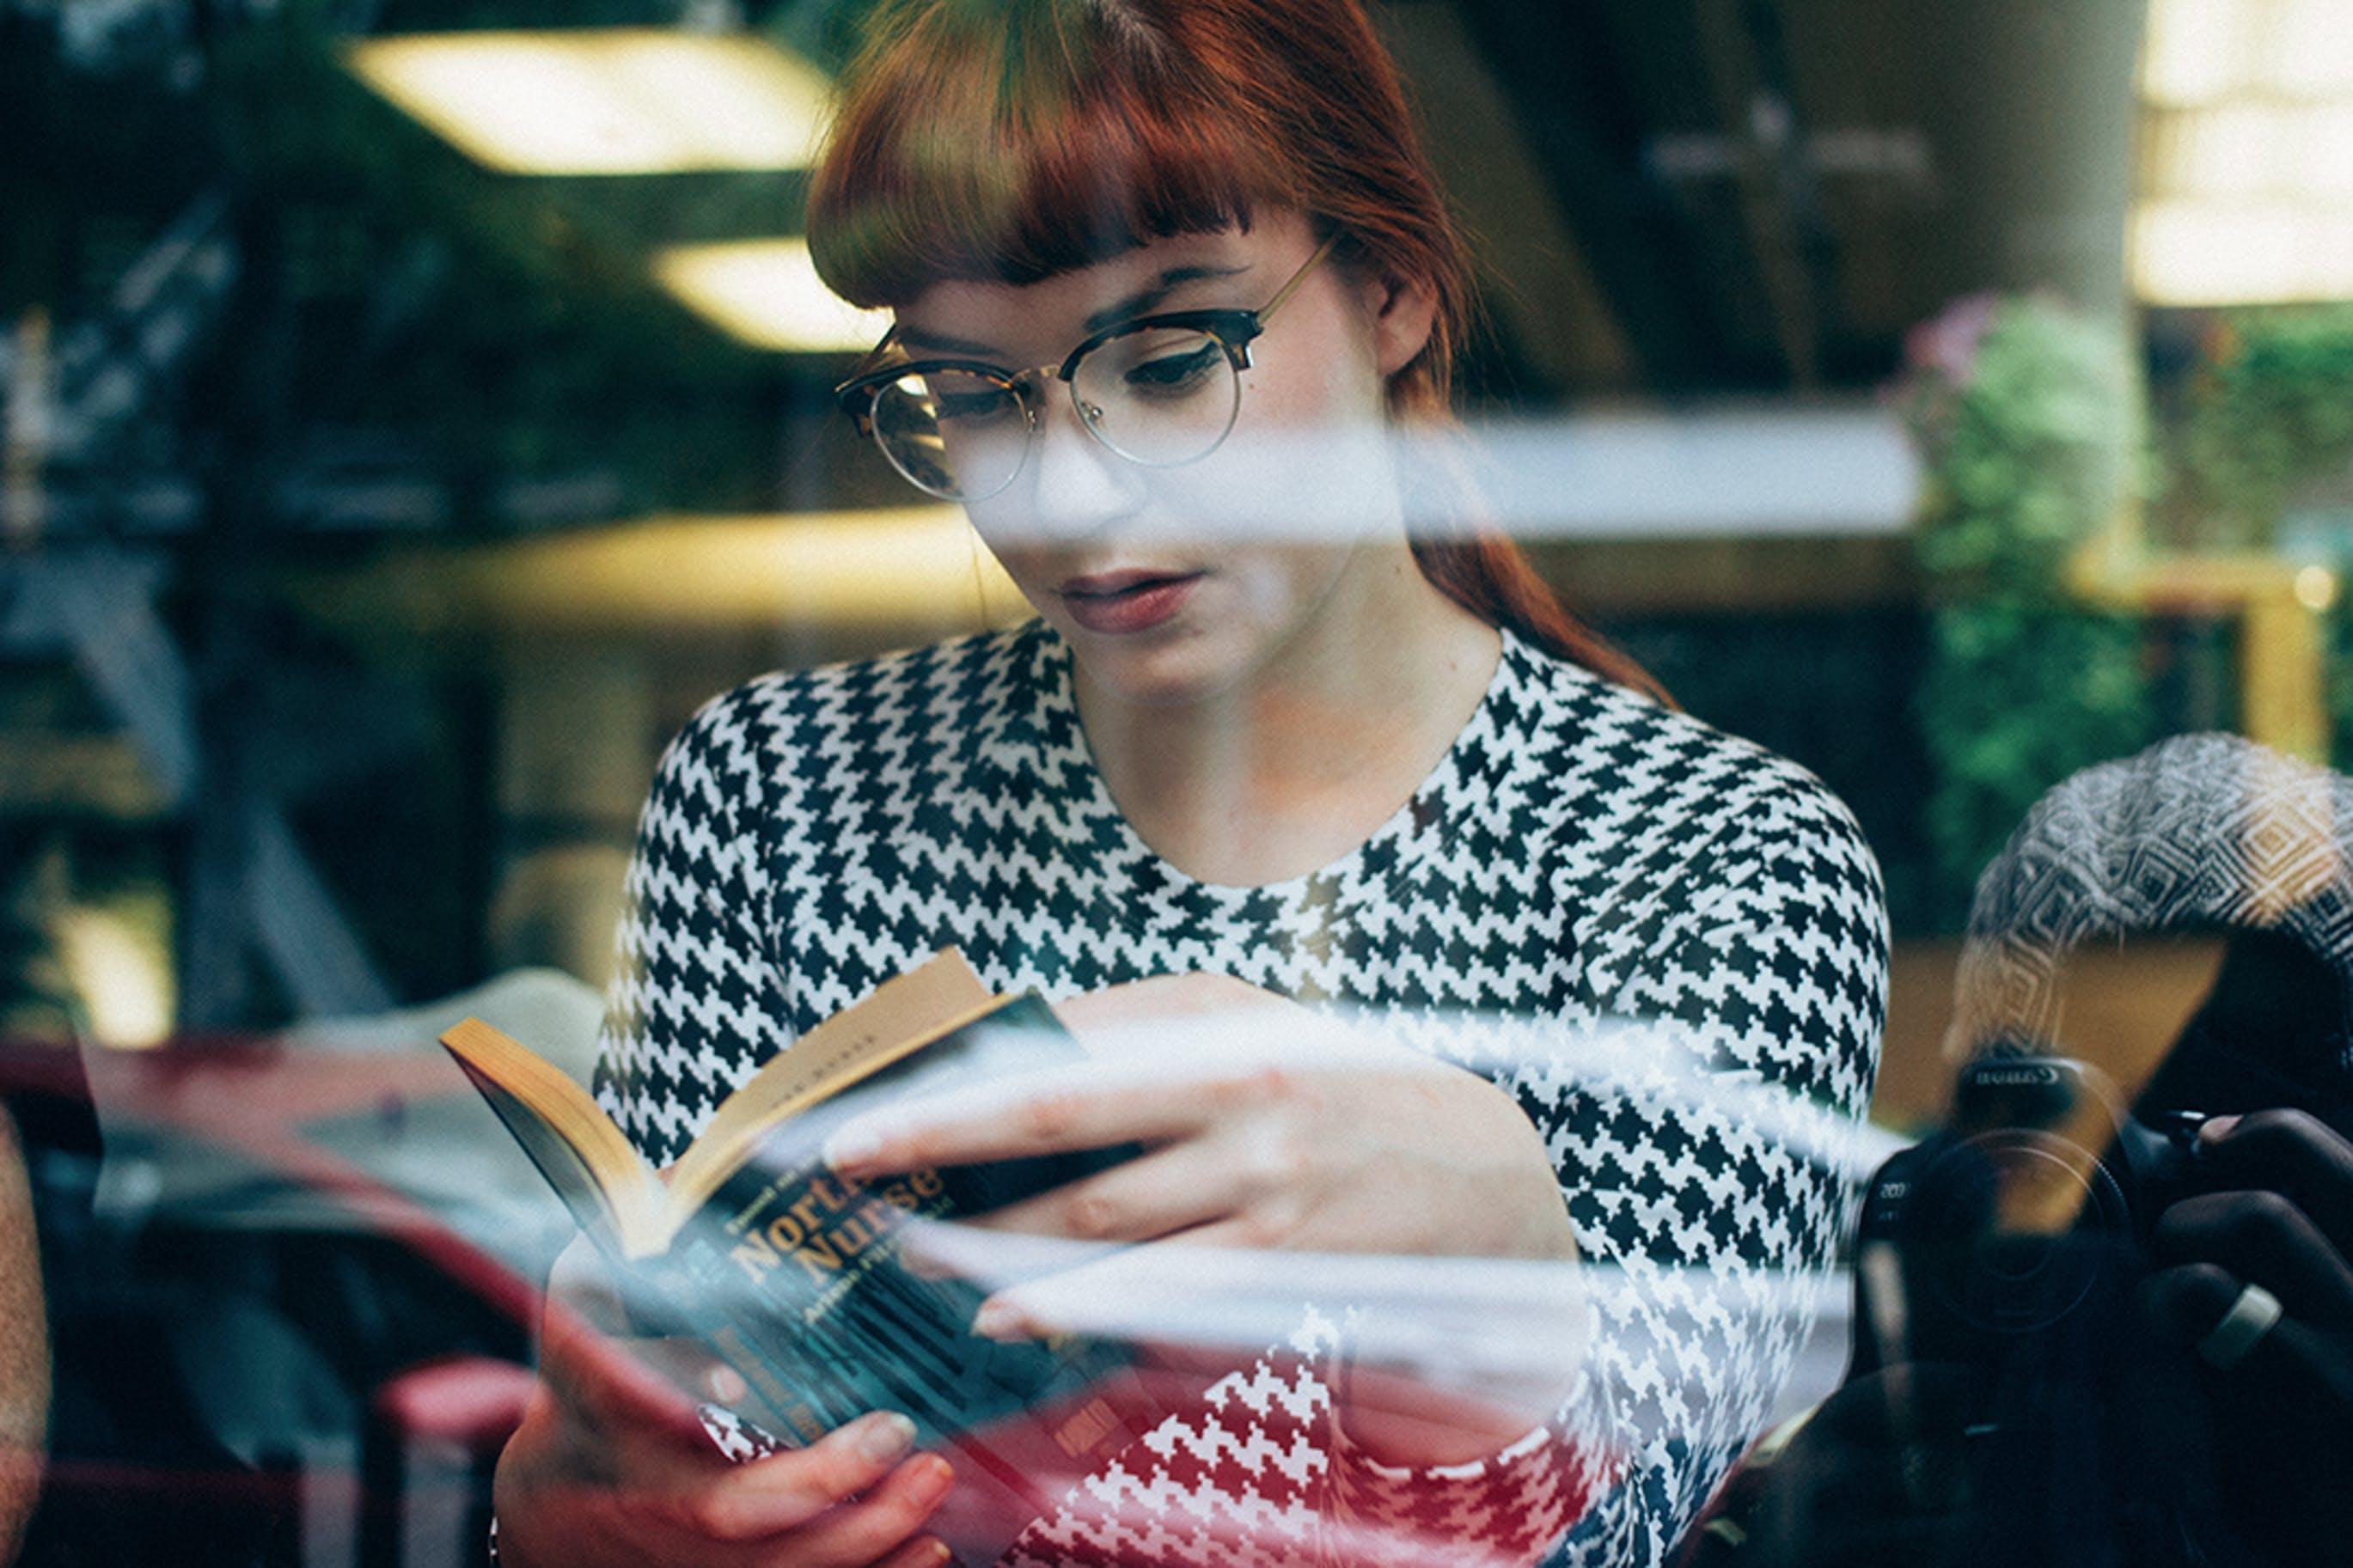 of beautiful girl, book, glasses, model